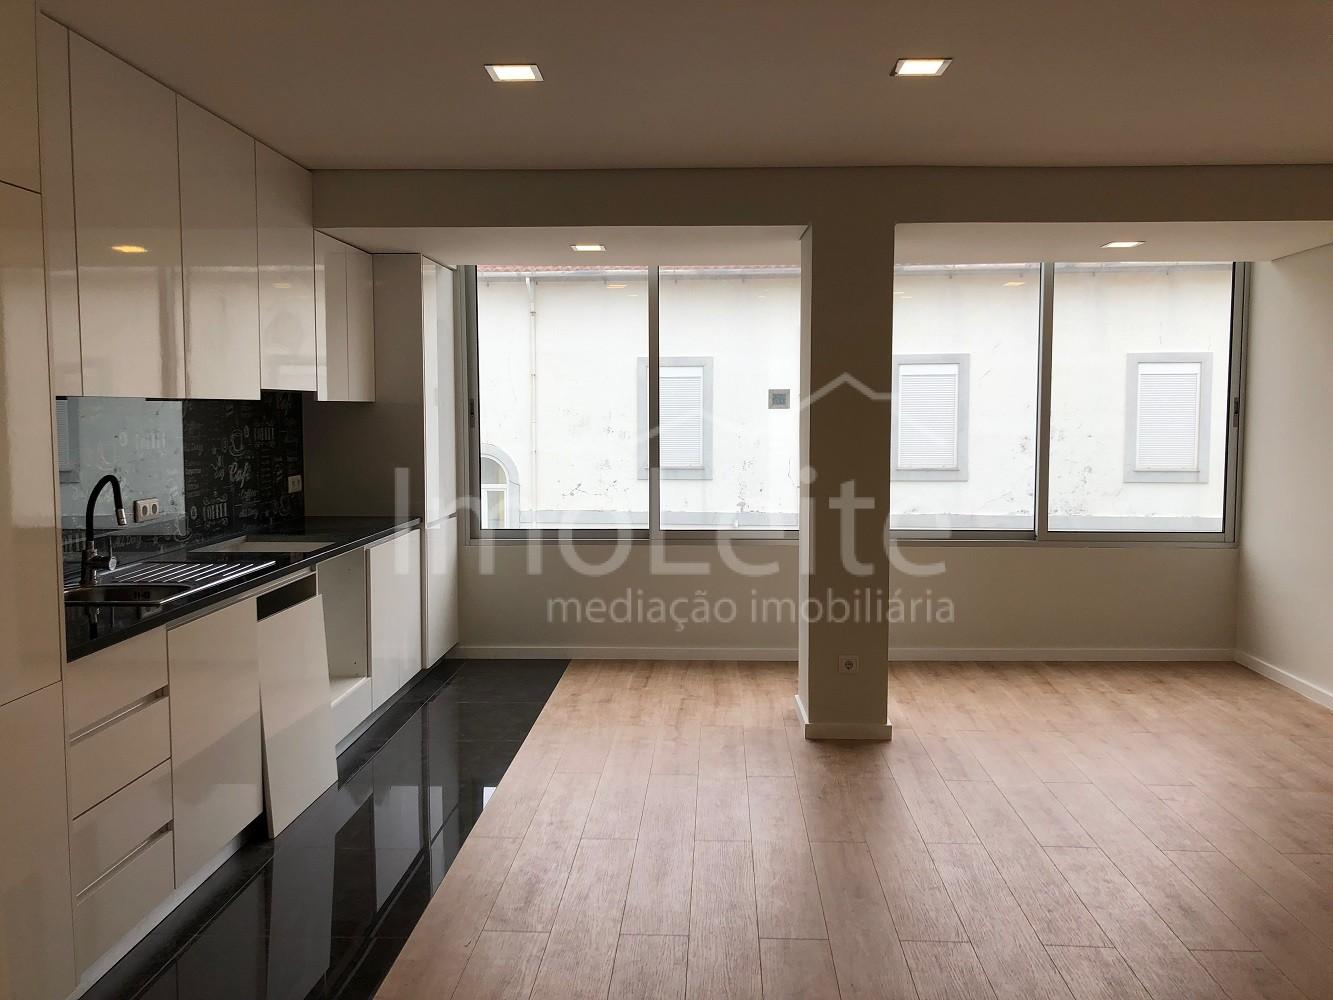 Apartamento T3 Póvoa de Varzim Renovado Centro Cidade